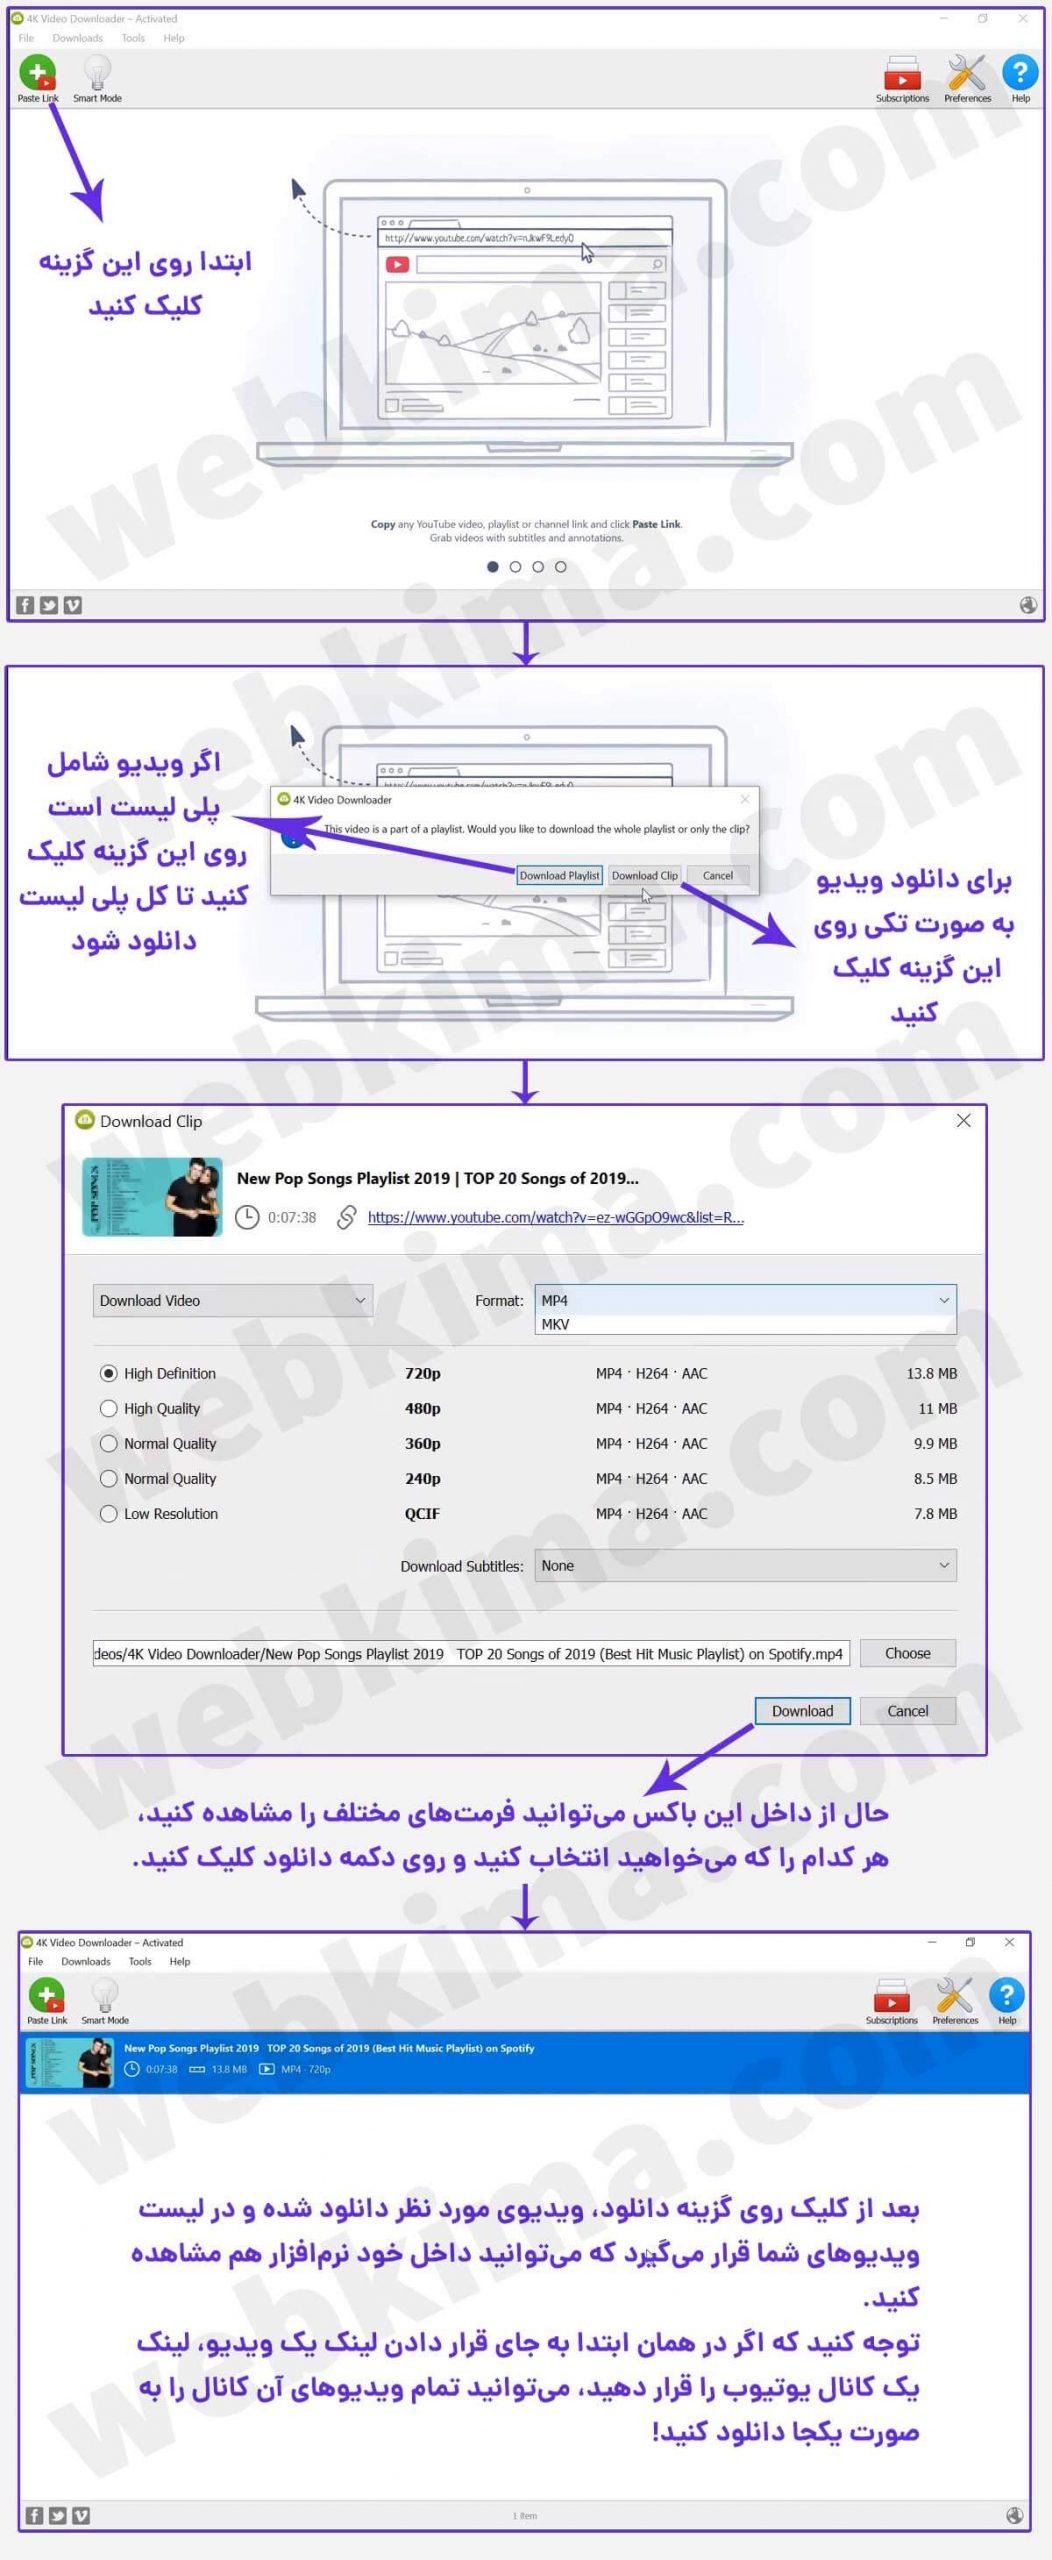 آموزش ذخیرهسازی ویدیوهای یوتیوب با نرمافزار 4K Video Downloader